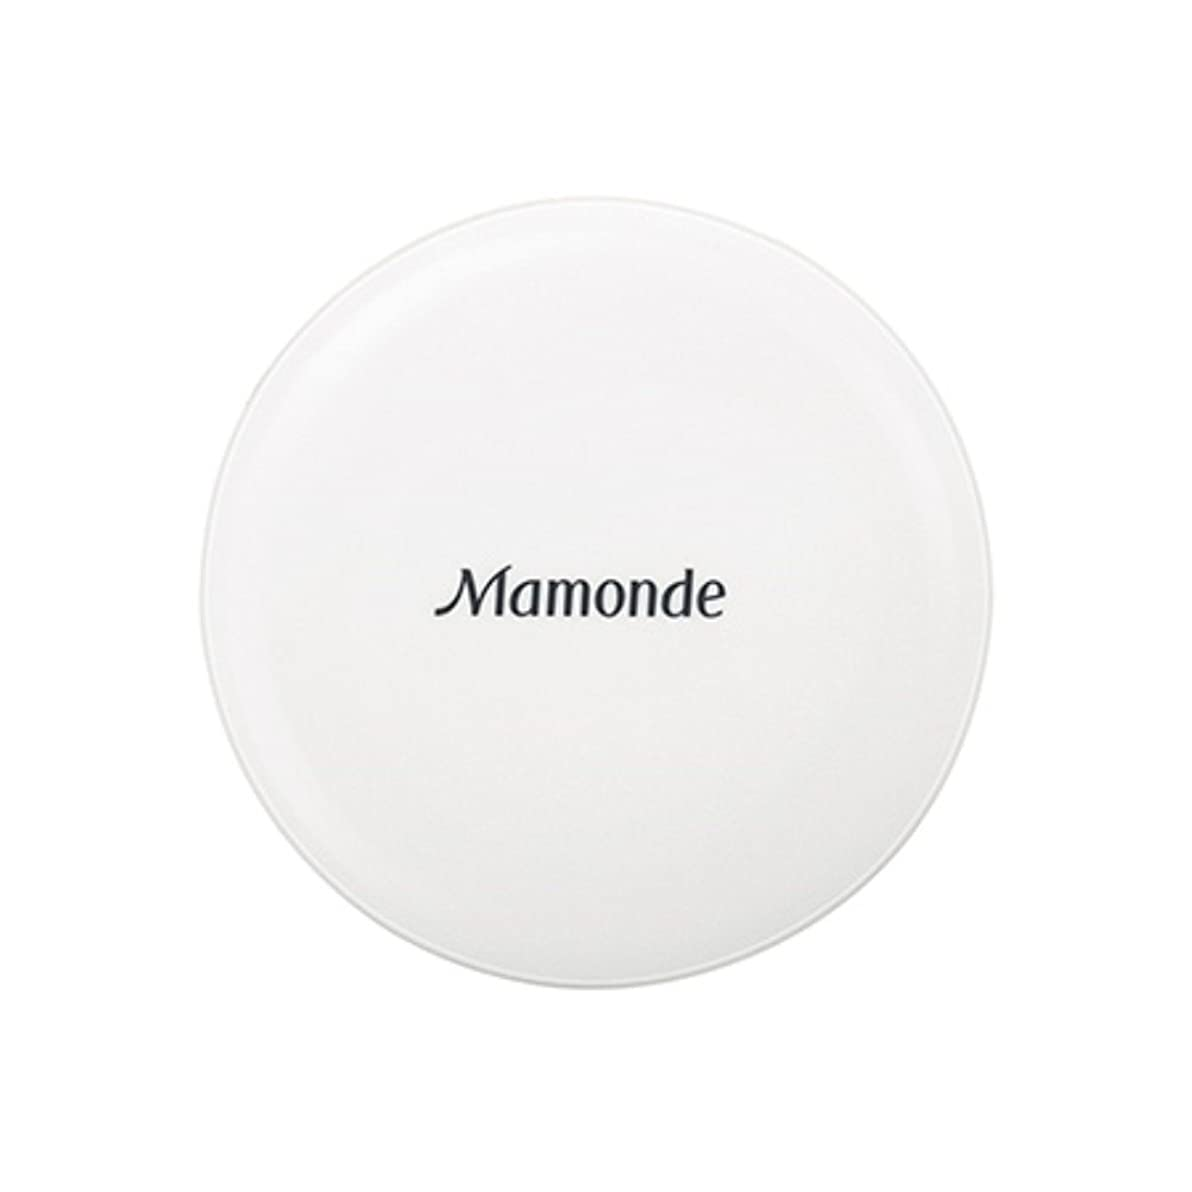 靄極端な値する[New] Mamonde Cotton Veil Powder Pact 12g/マモンド コットン ベール パウダー パクト 12g [並行輸入品]